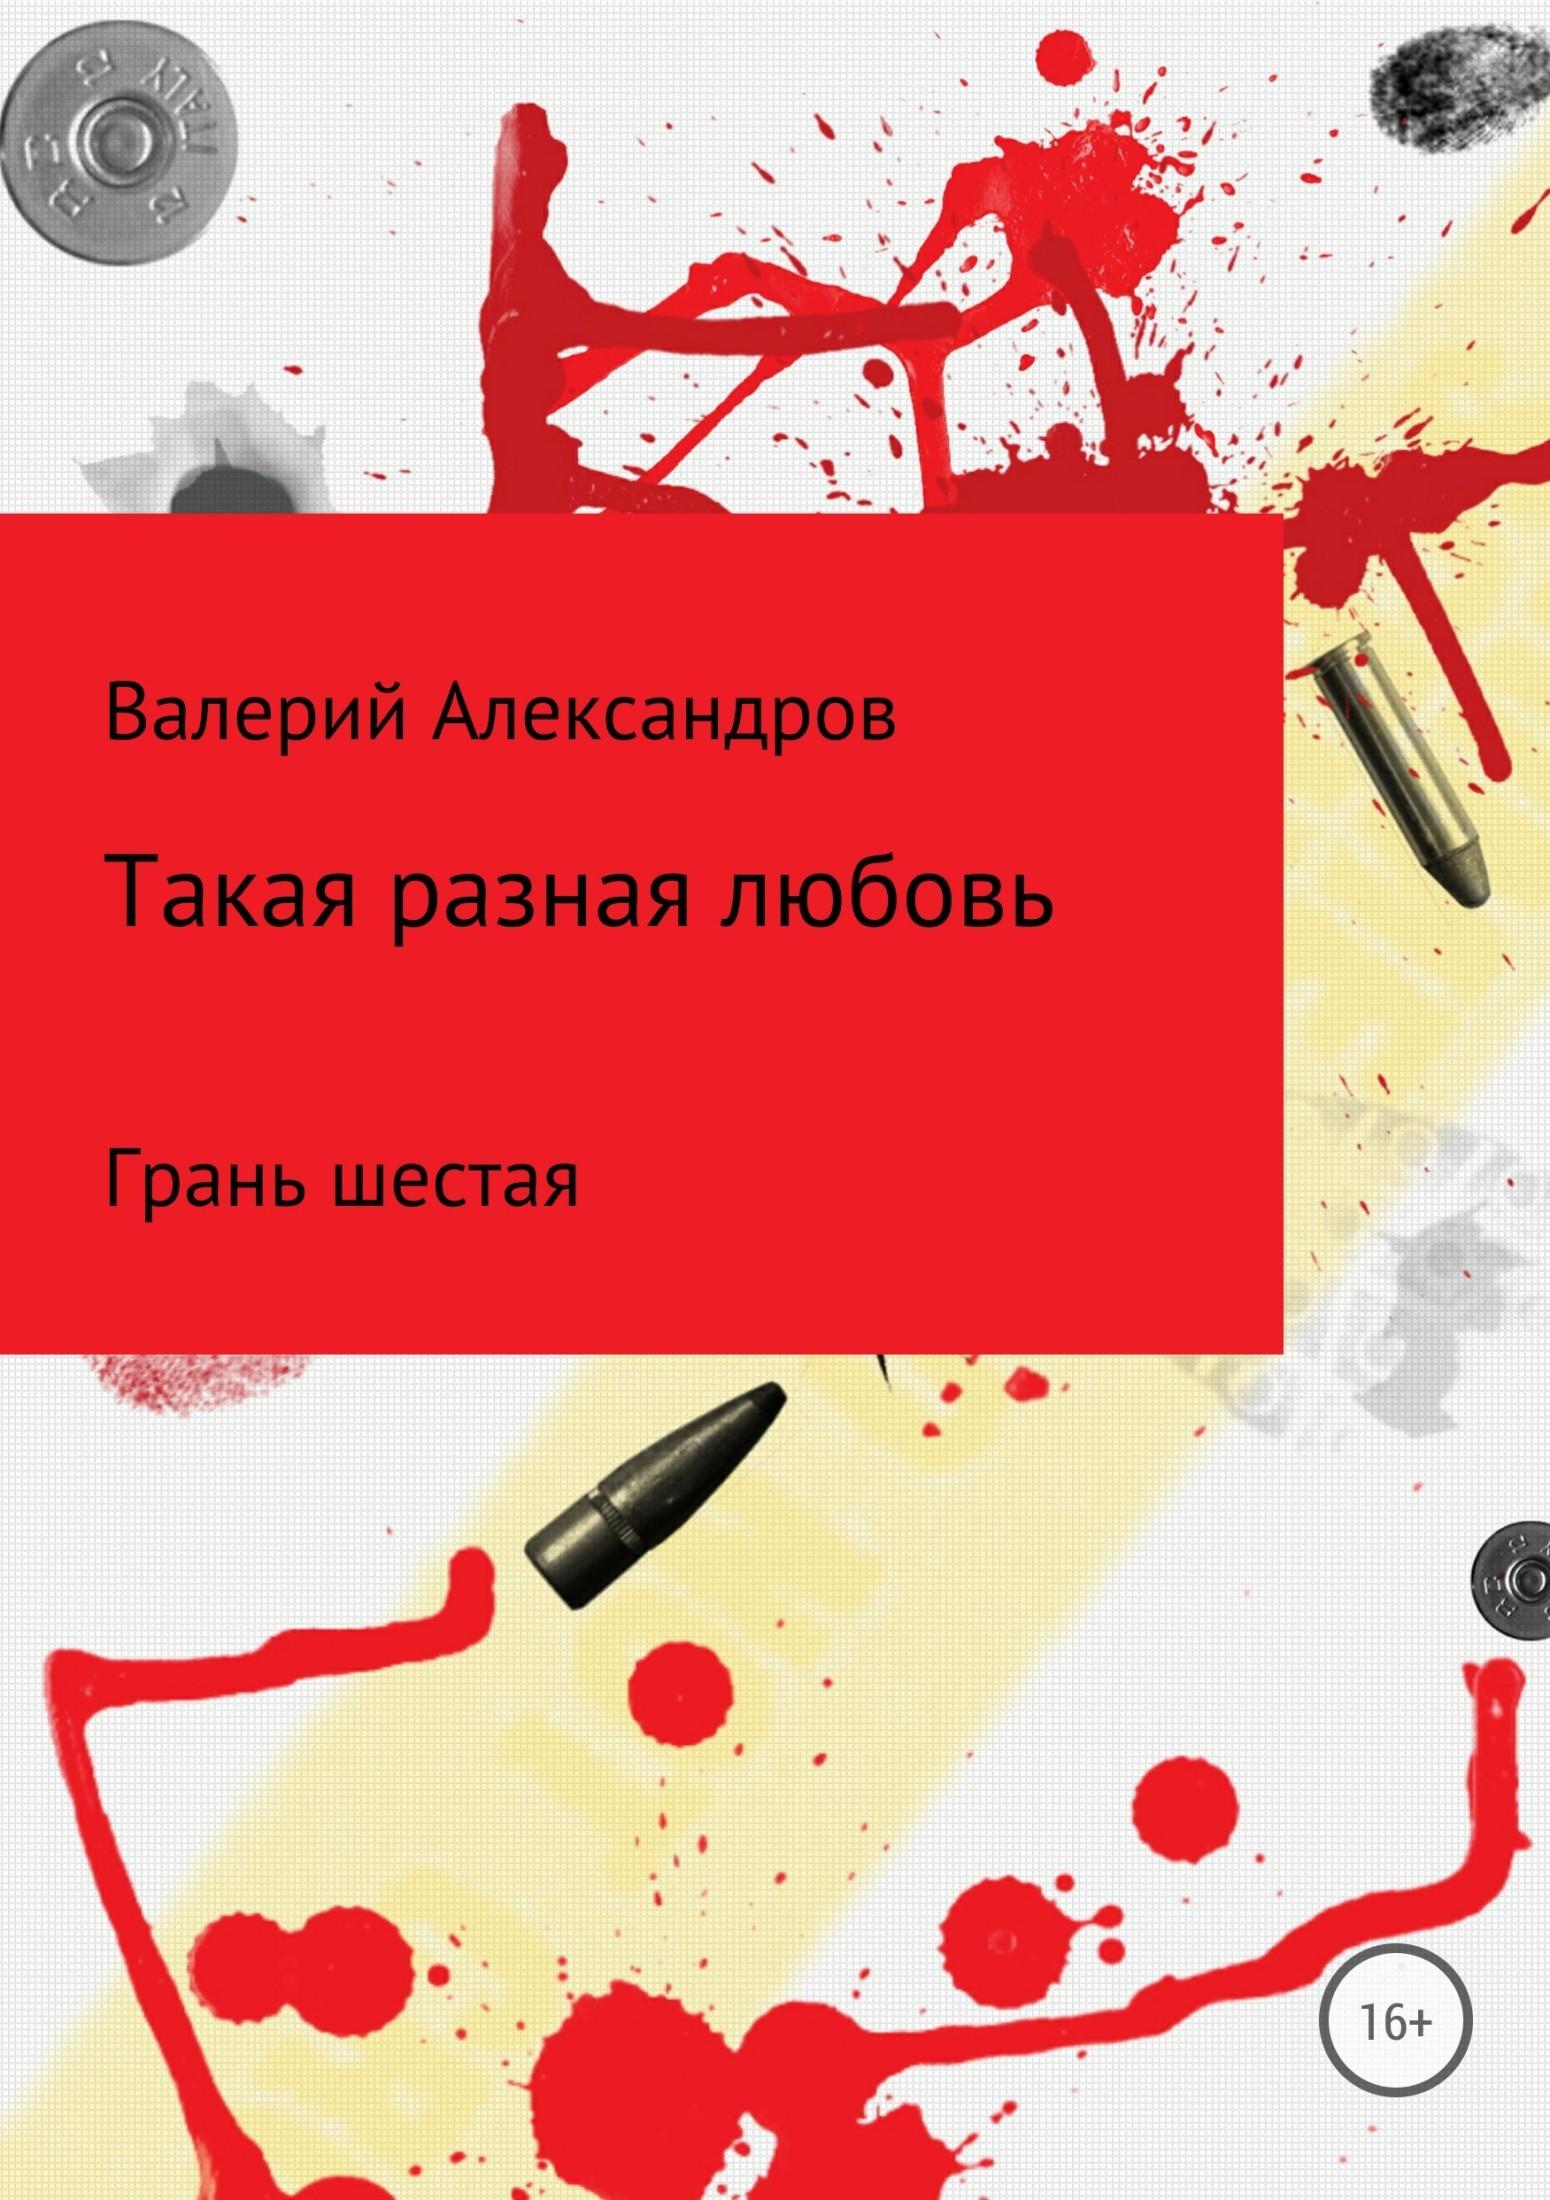 Валерий Александров Такая разная любовь 6. Сборник стихотворений дария тарасова любовь бывает разная